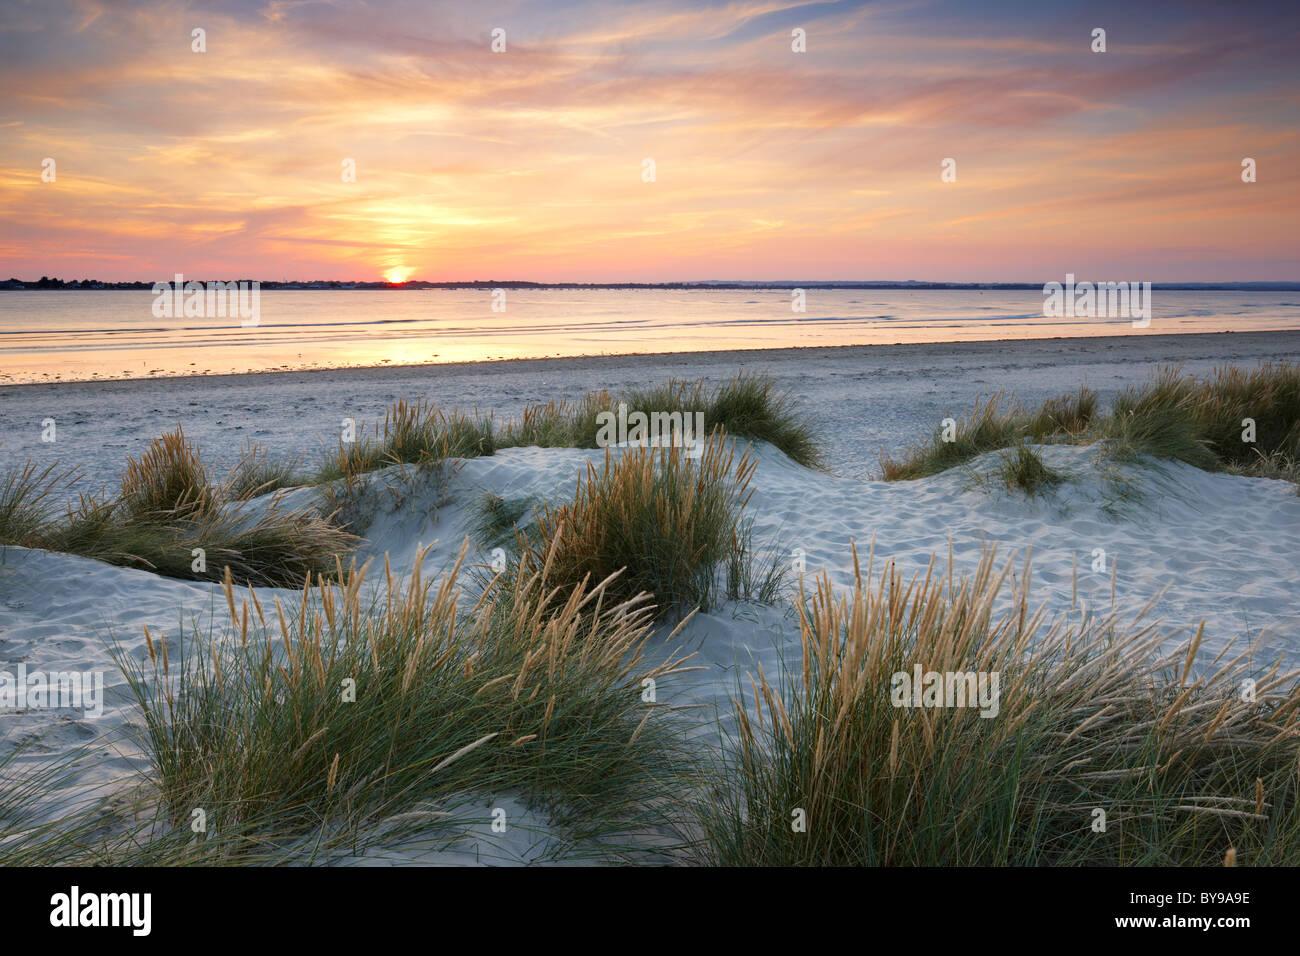 Lumière du soir sur les dunes de sable au chef de l'Est. Une flèche de sable et de galets située Photo Stock